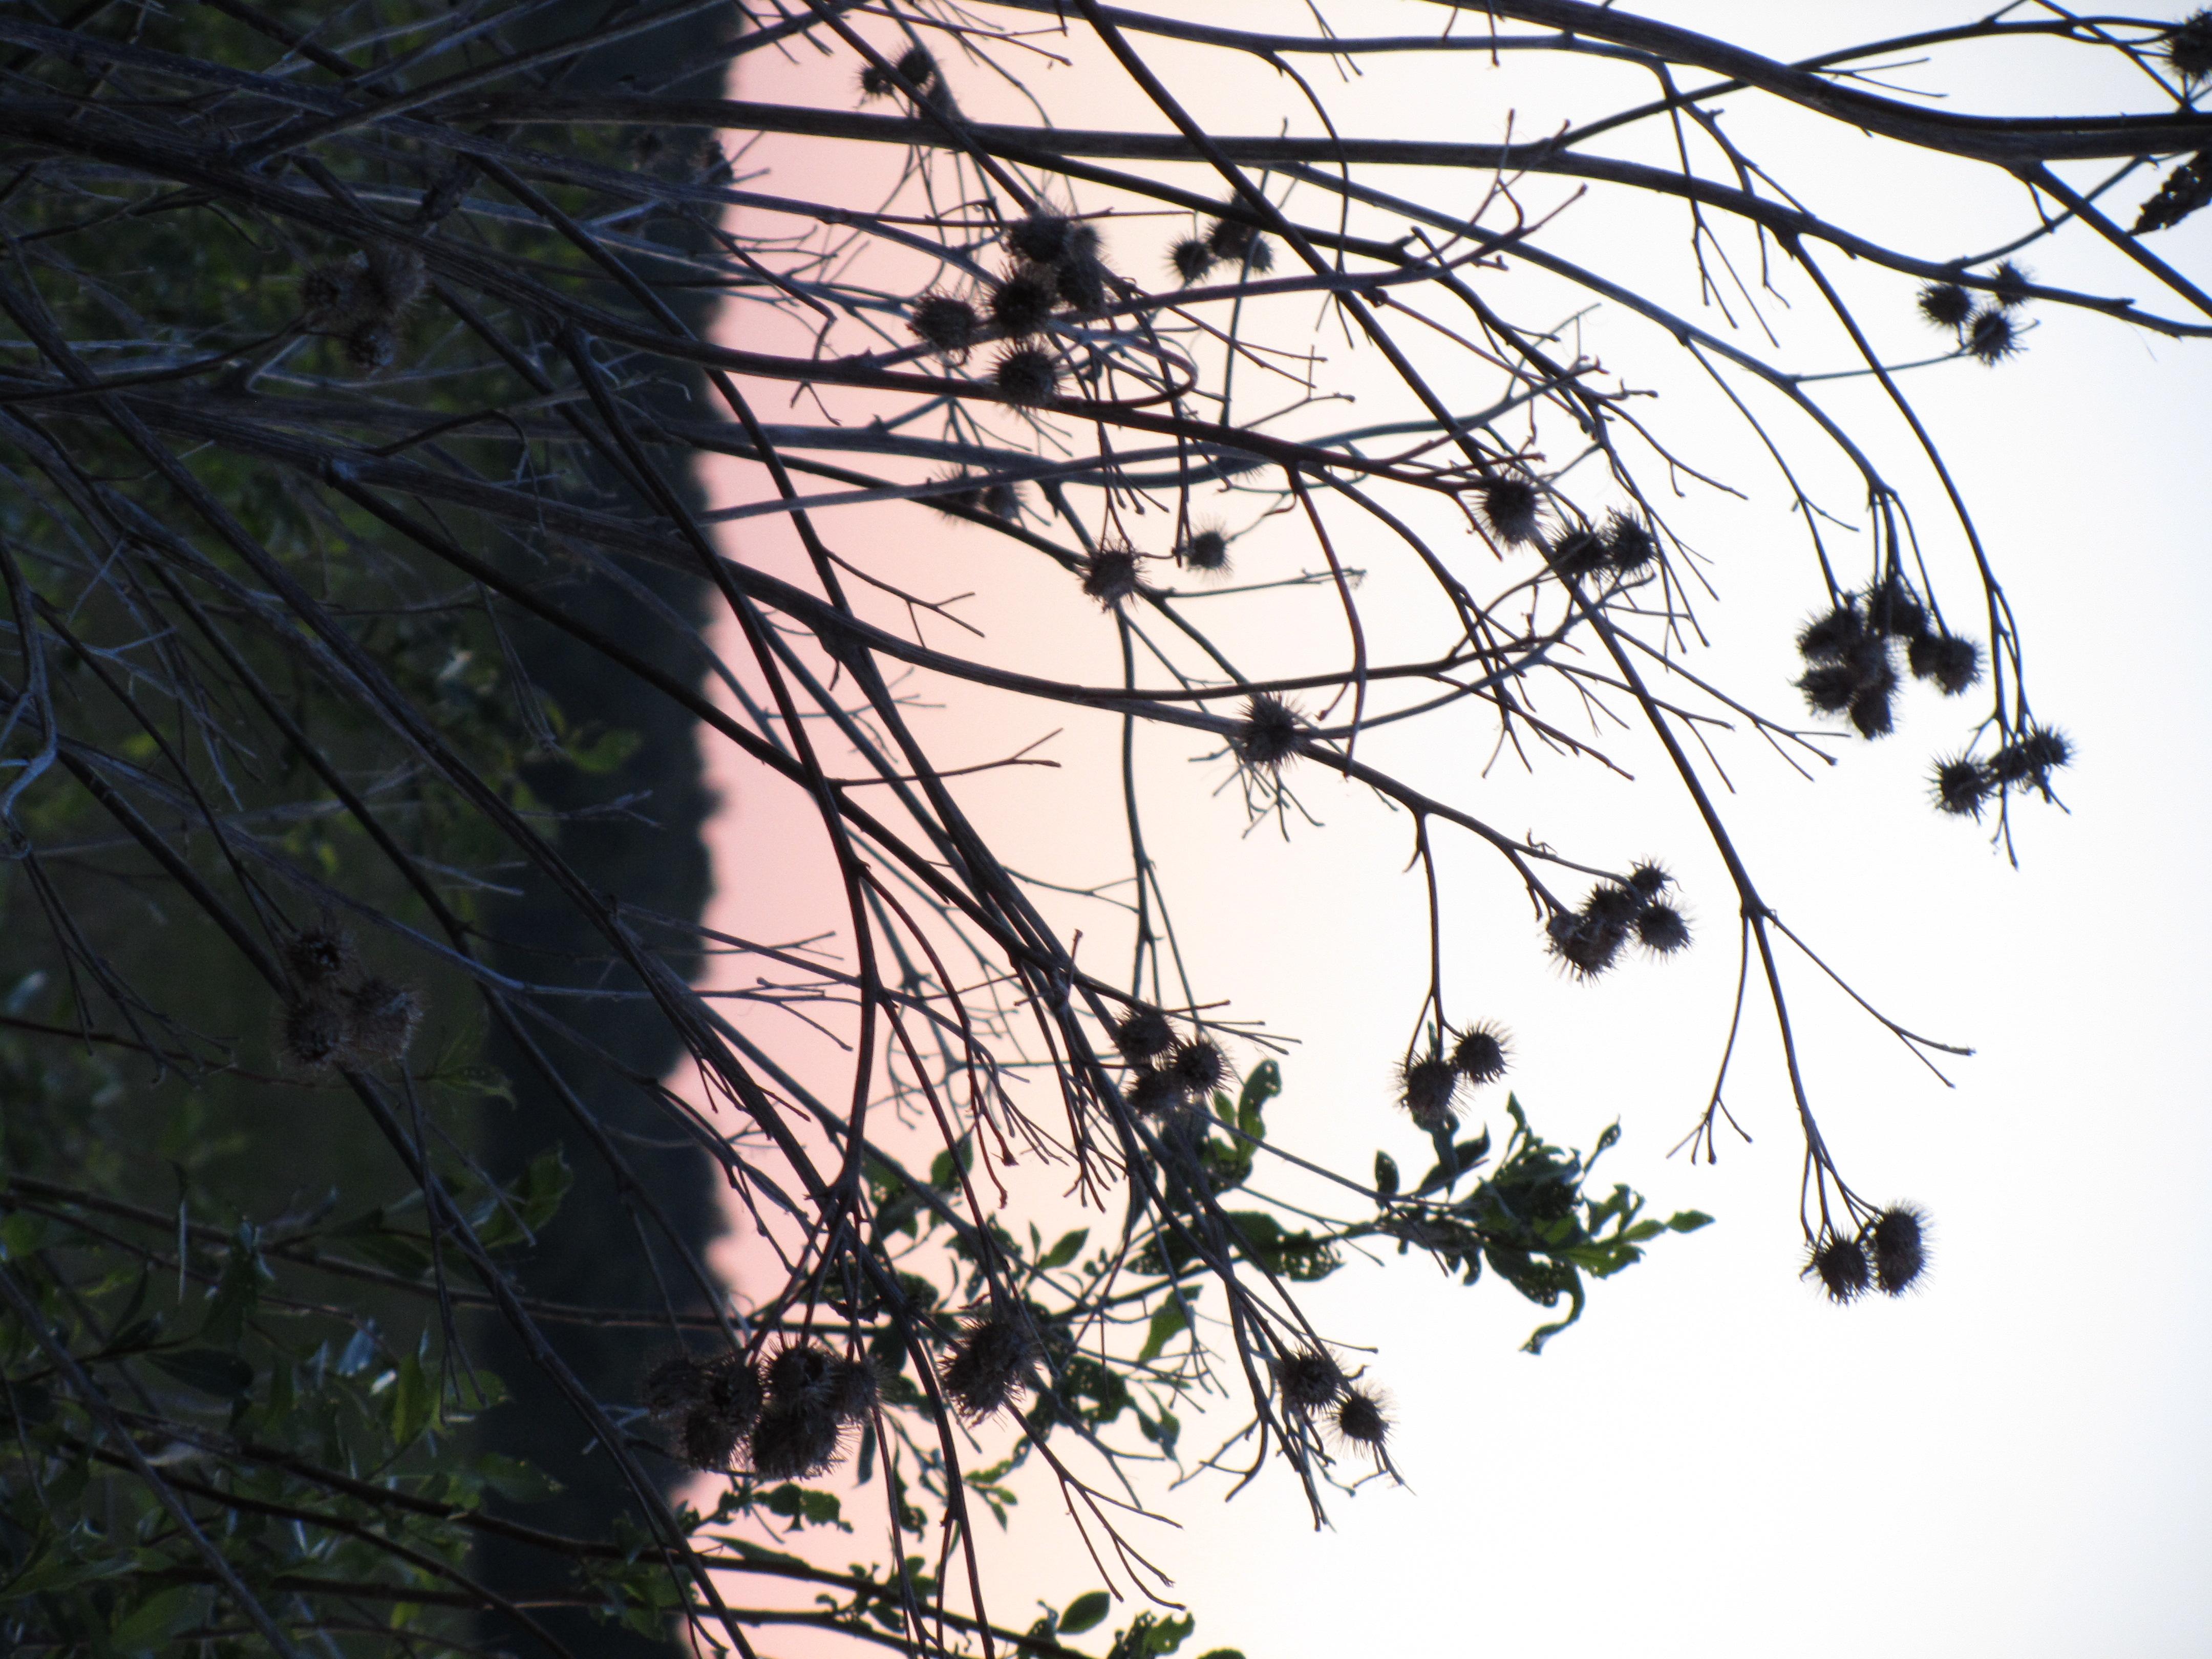 15b4a9471f4 Vastu vastust pilditatud pilt näitab kaamera dünaamilist ulatust. Kurta  just ei saa. // Fookuskaugus: 85 mm / Ava: f/4.5 / Säriaeg: 1/15 / ISO: 200  / Välk: ...